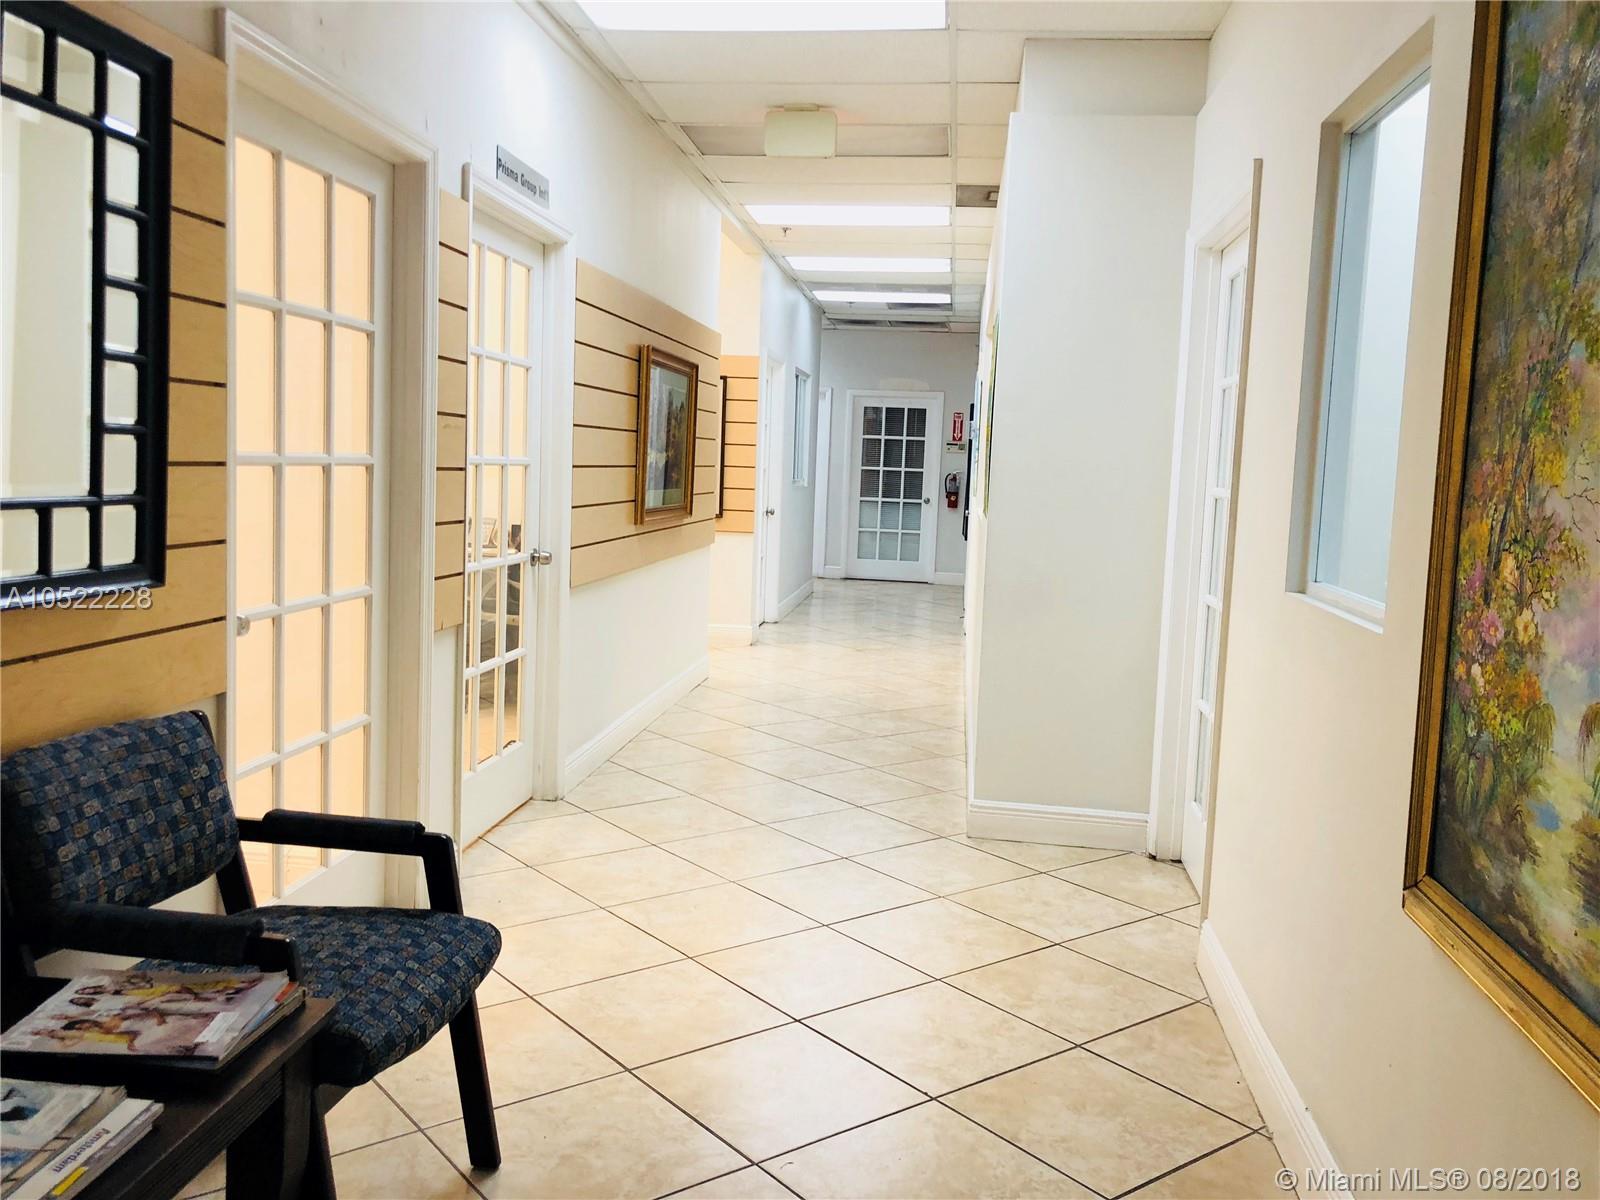 7500 Nw 25th St, Miami, FL 33122